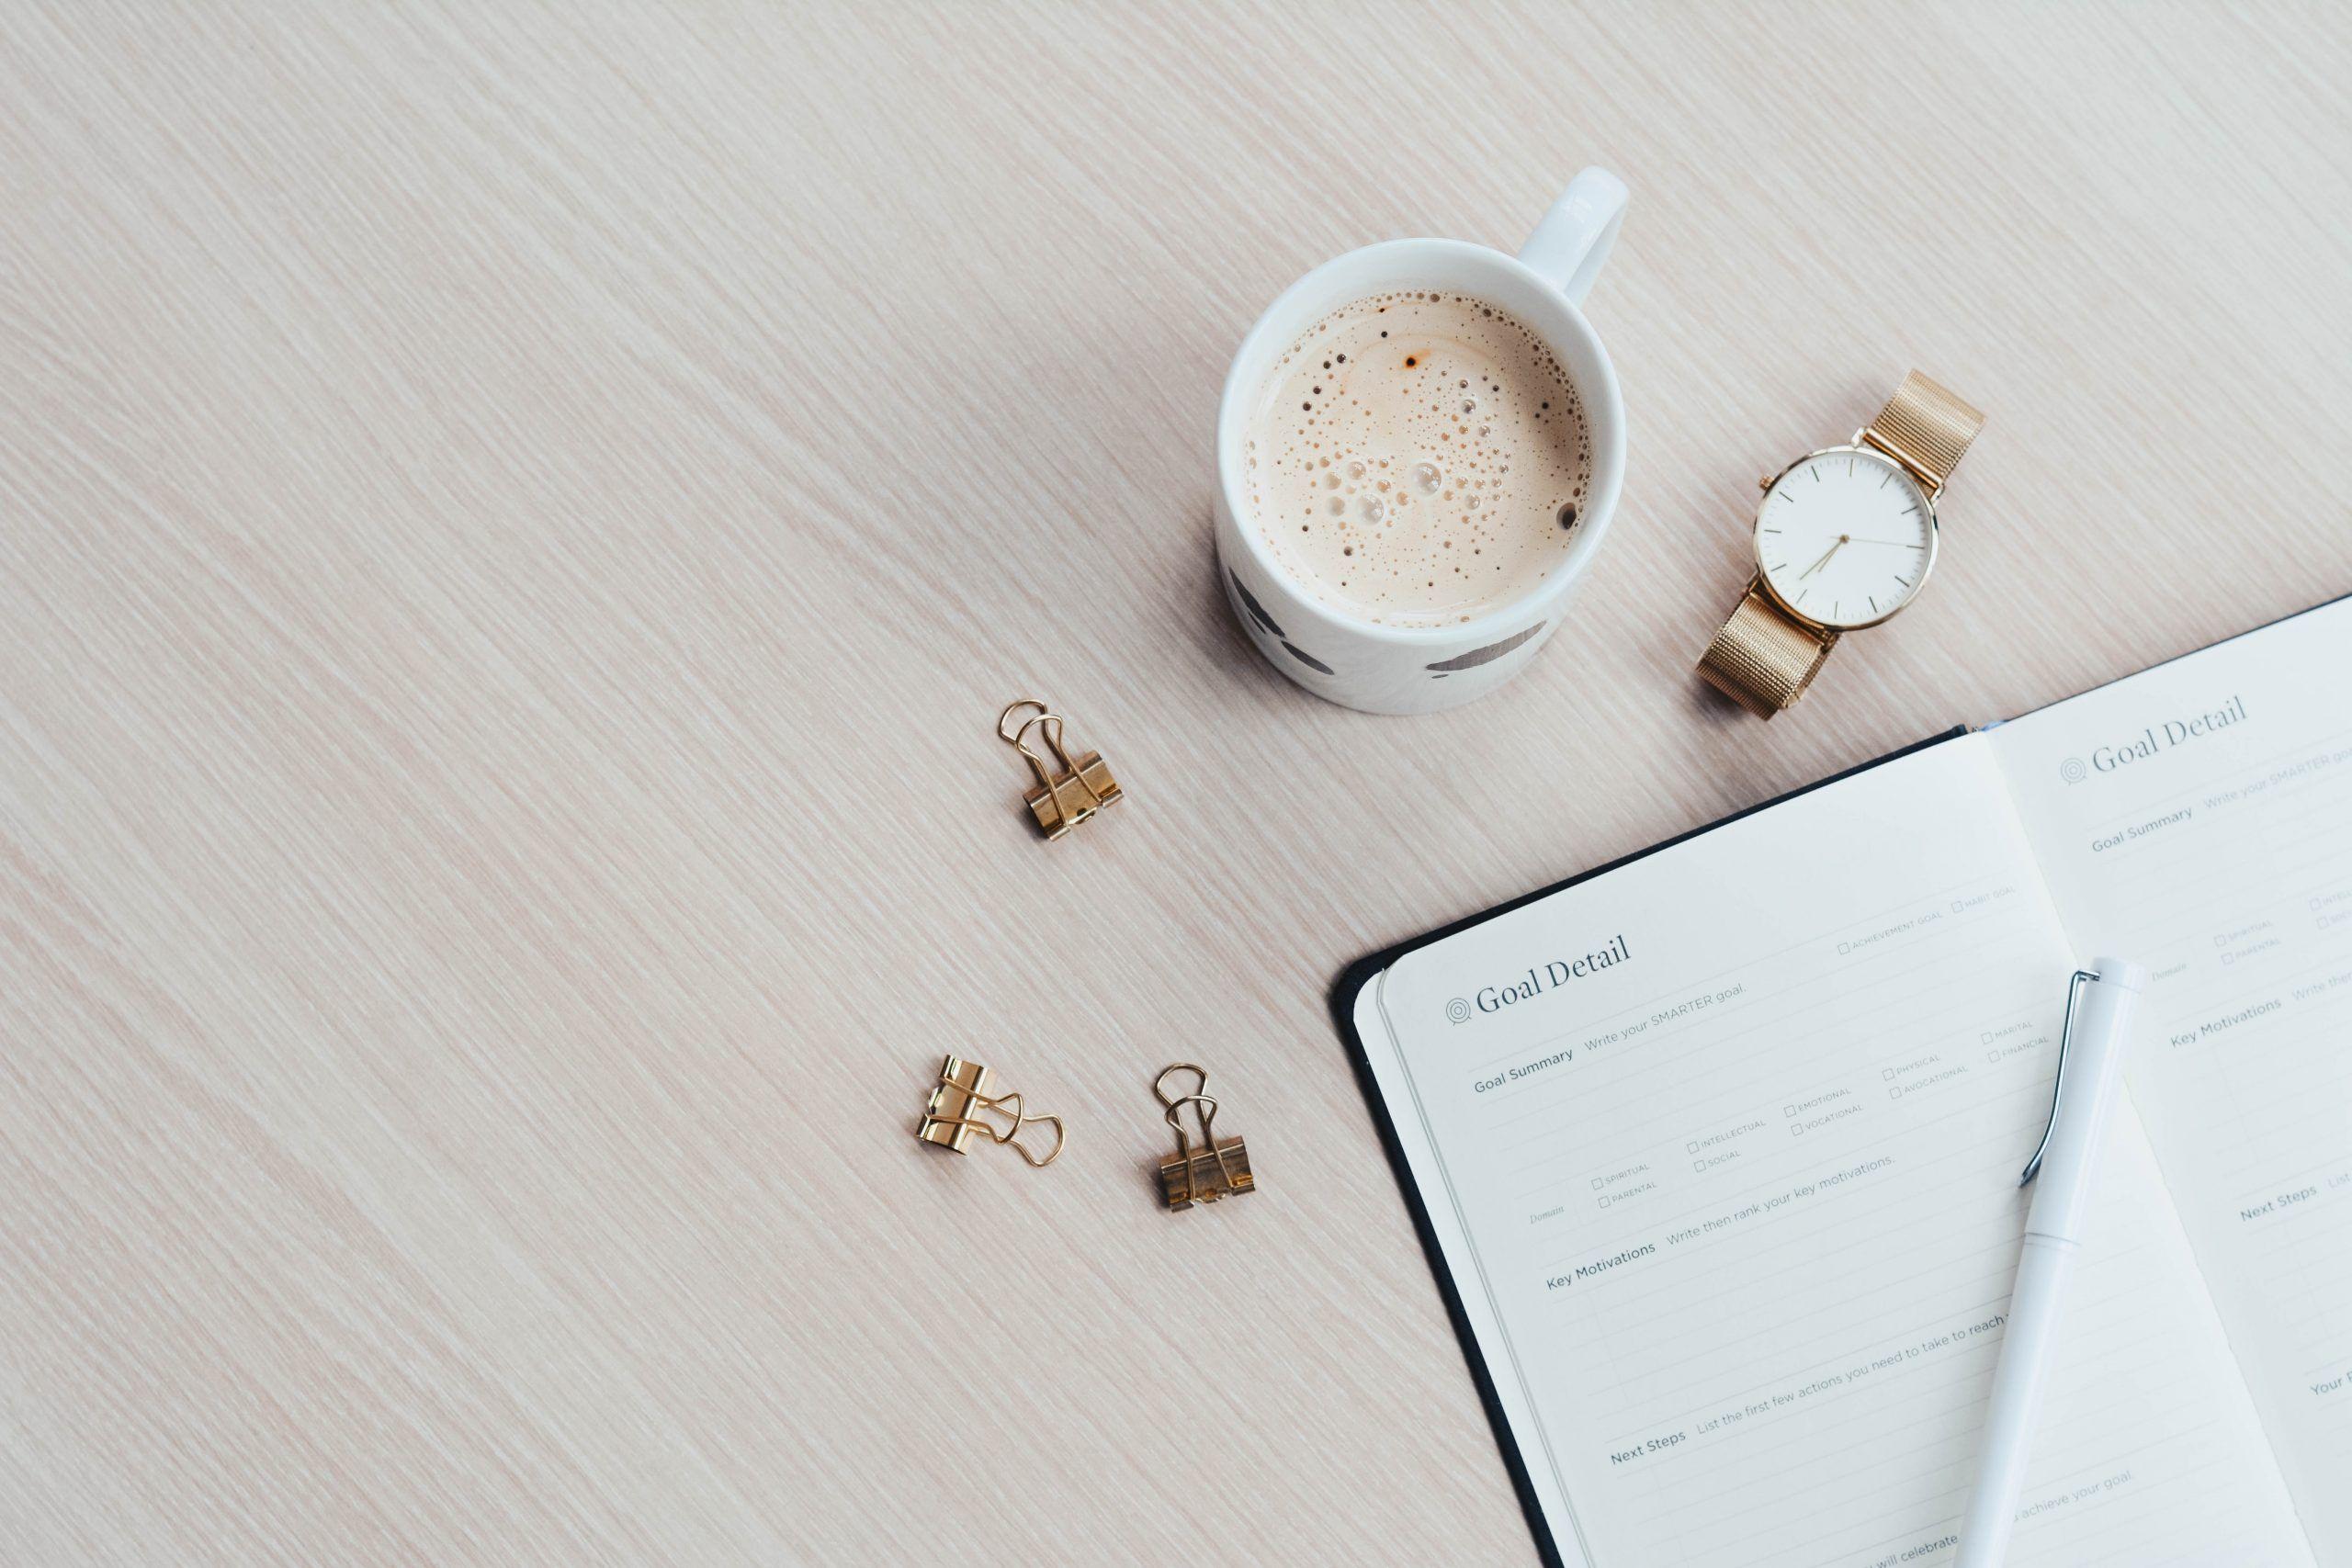 Consejos para empezar el semestre: agenda para organizar las tareas diarias